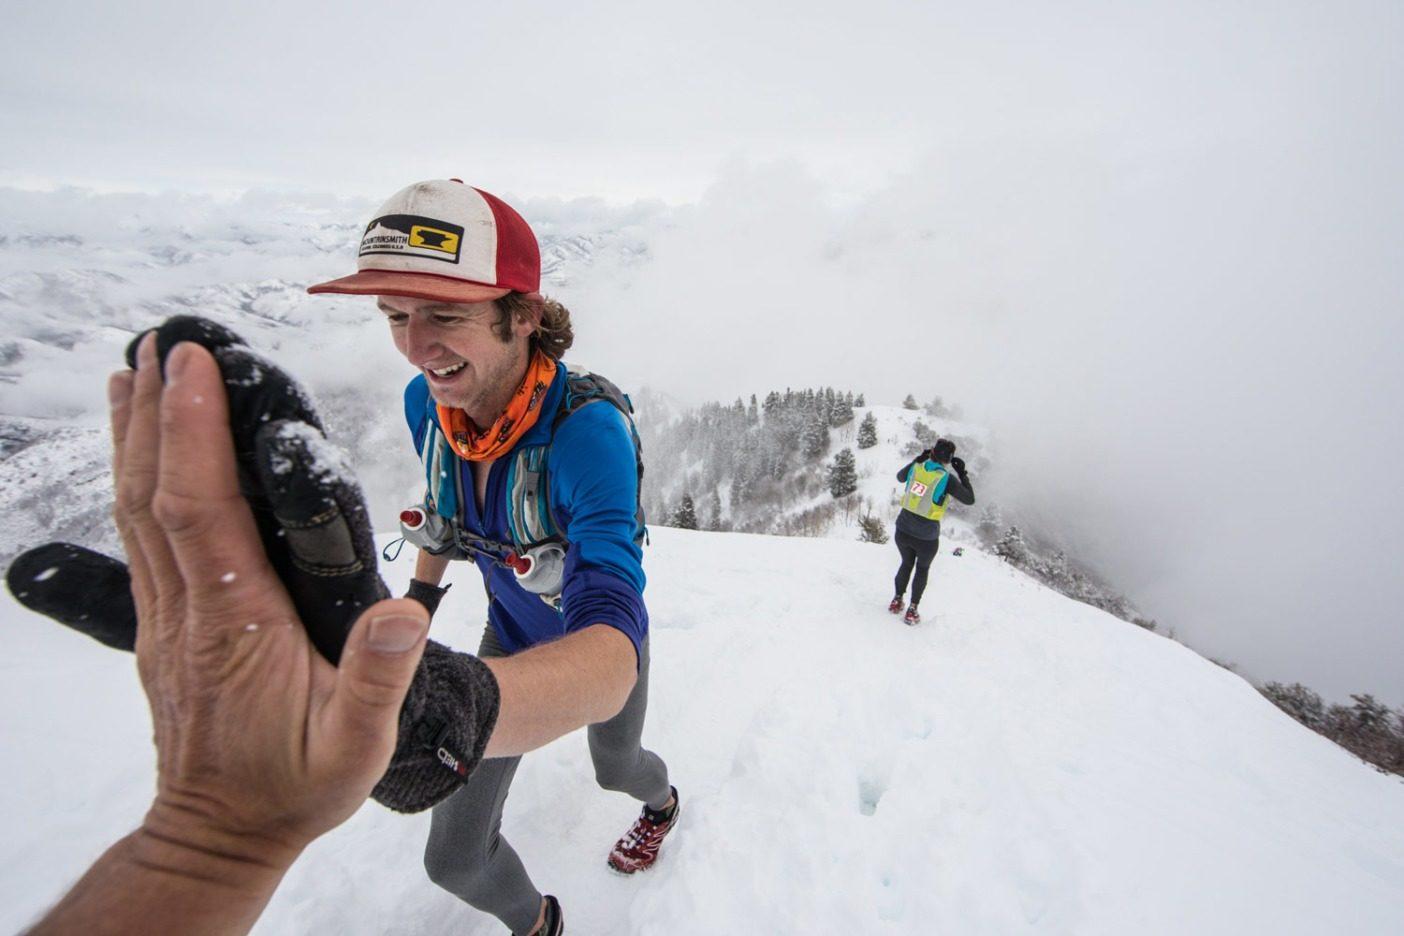 グランデュアー・ピークの頂上で感じられた良い大義のための良い雰囲気。Photo: Andrew Burr